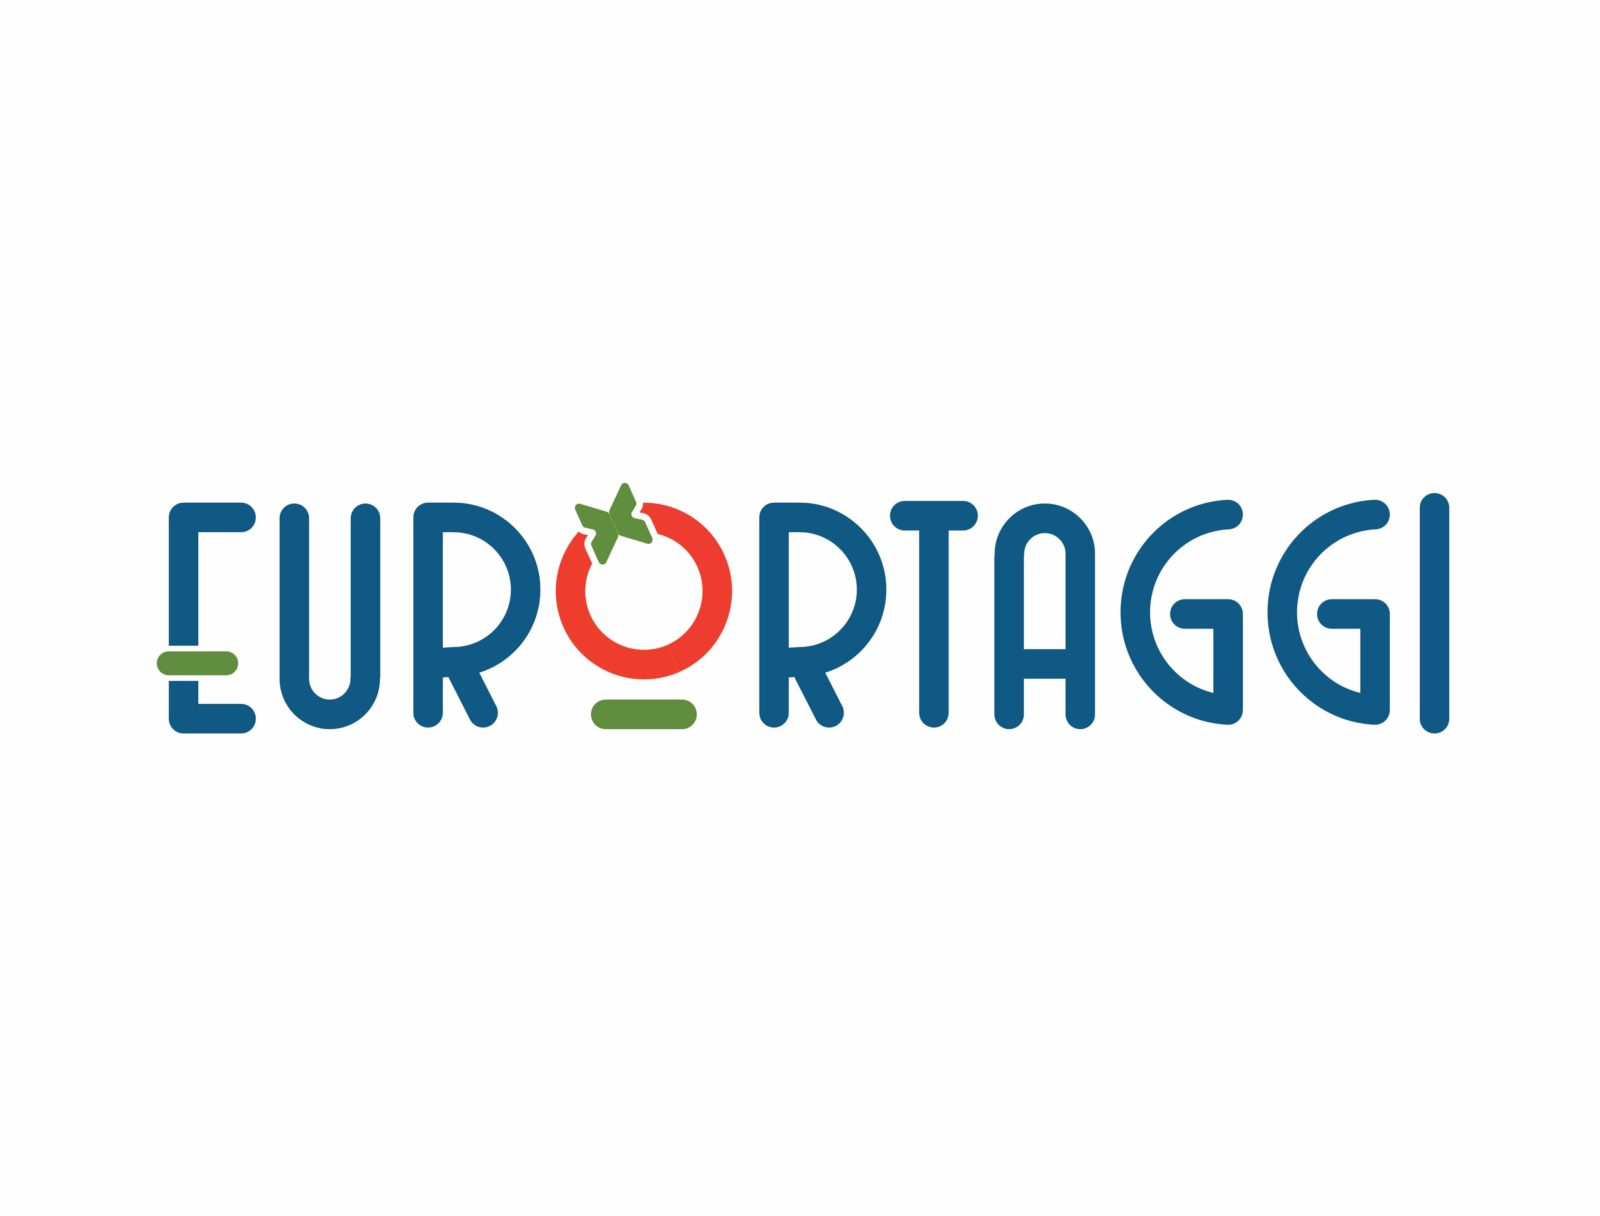 eurortaggi